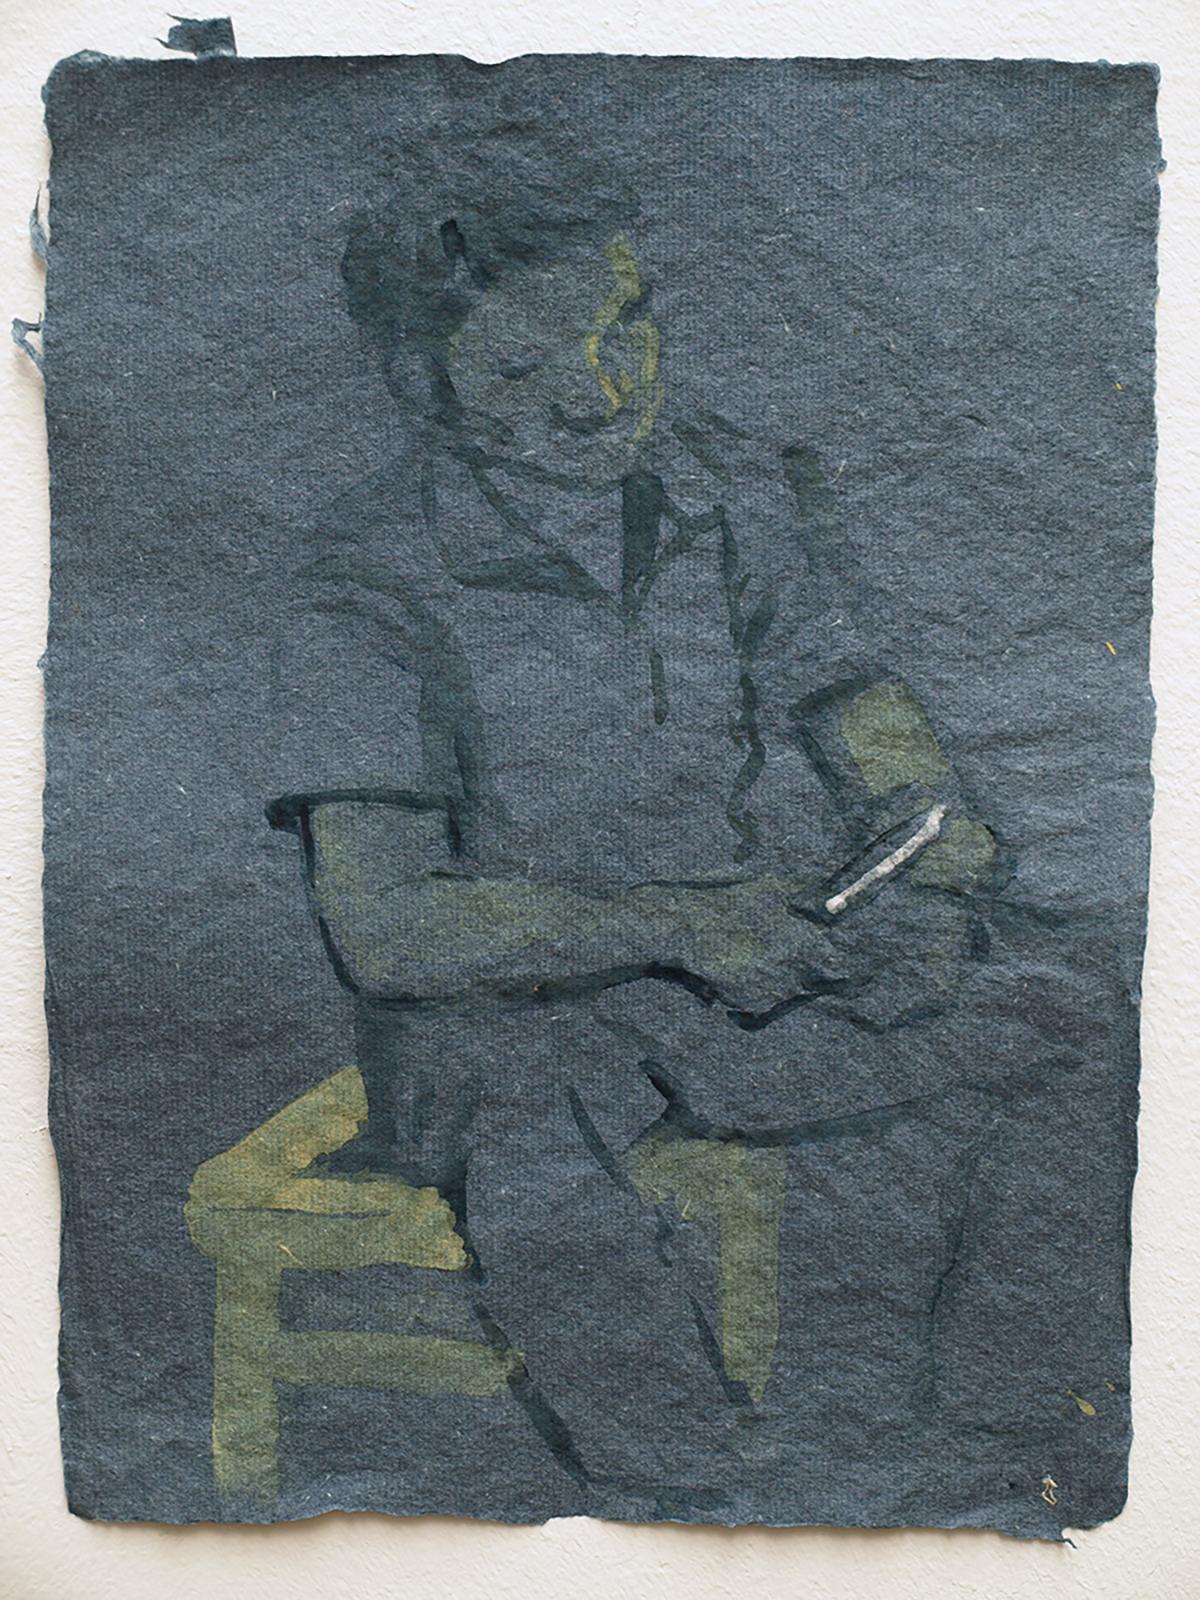 He Xiu Jun peeling bark for paper making, 2011